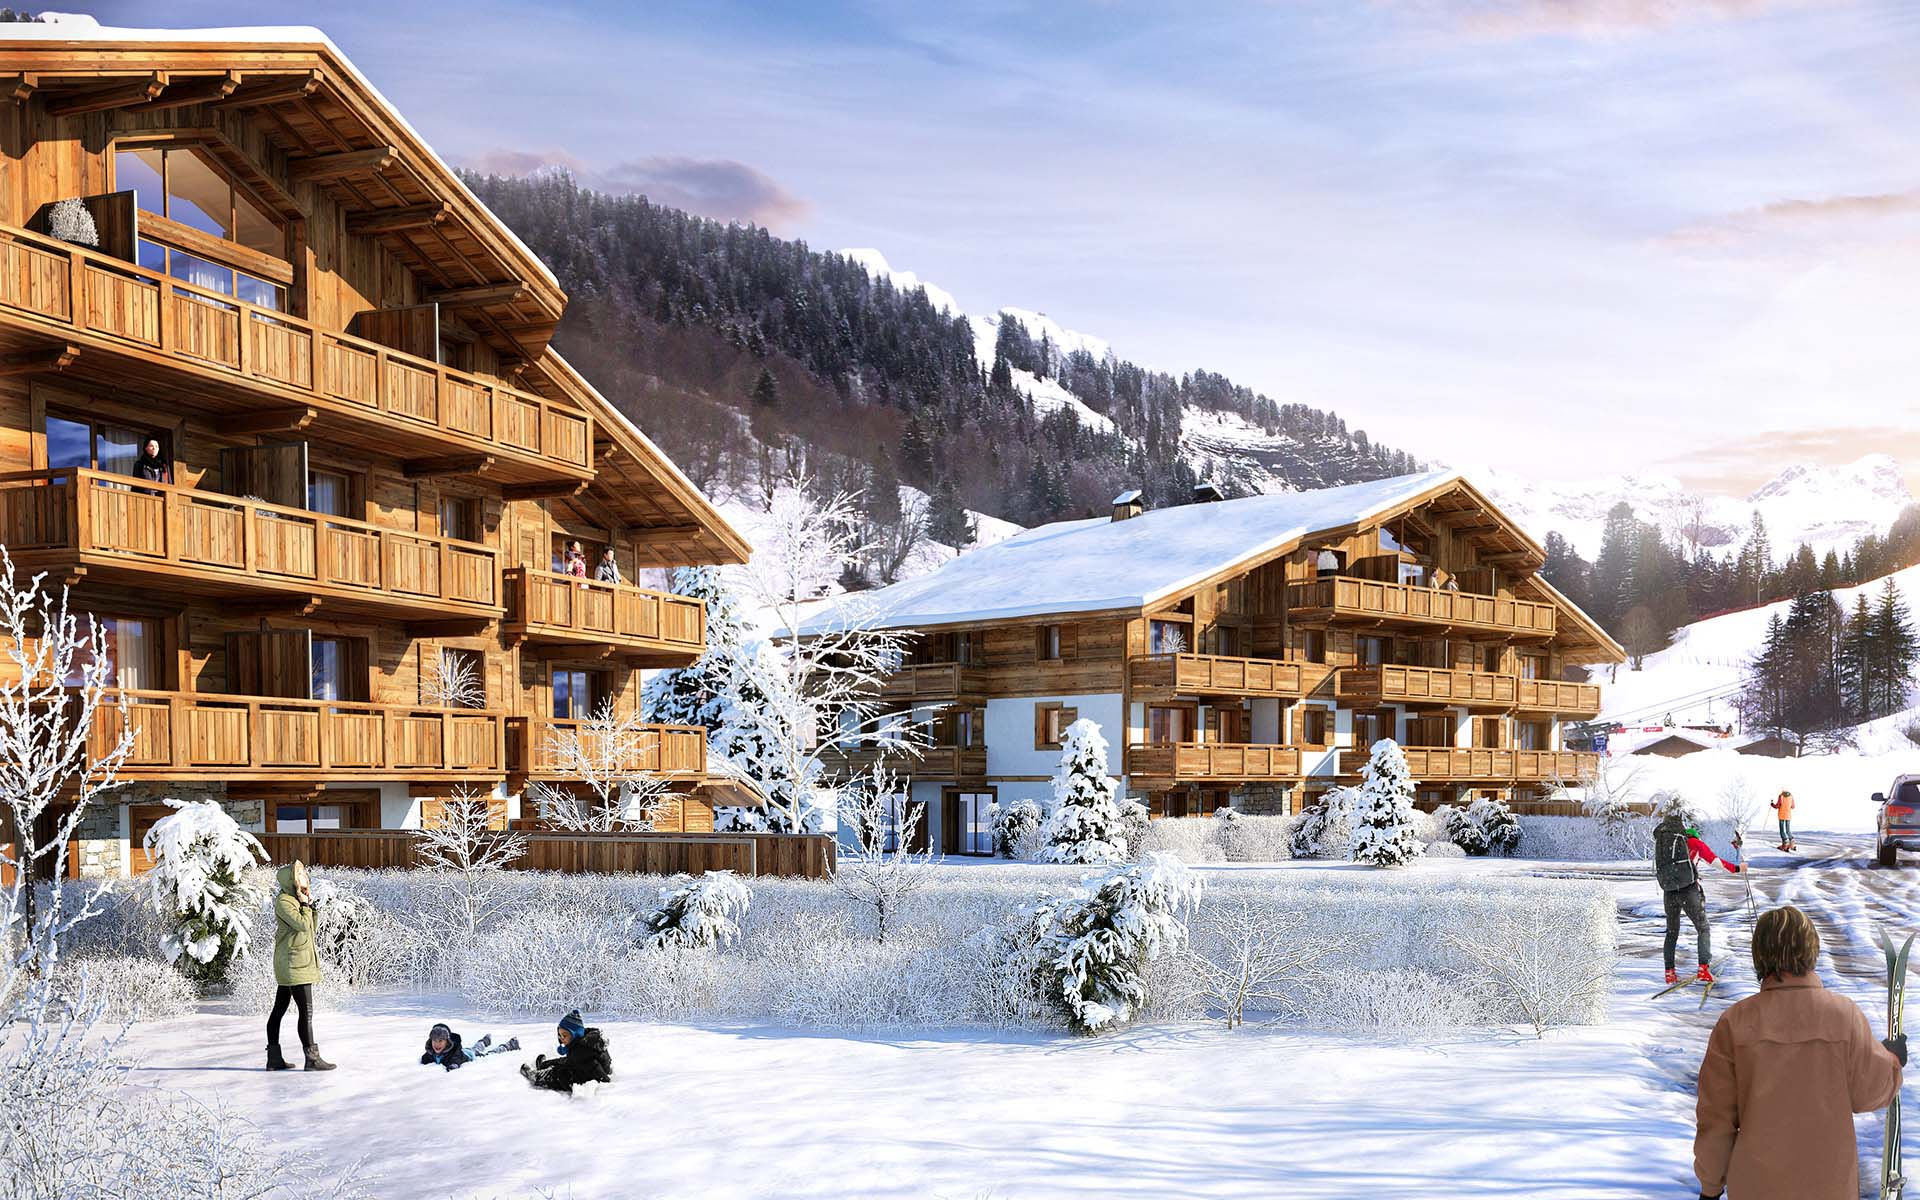 Création de contenu 3D pour la promotion immobilière d'un chalet de luxe à La Guettaz en Savoie.